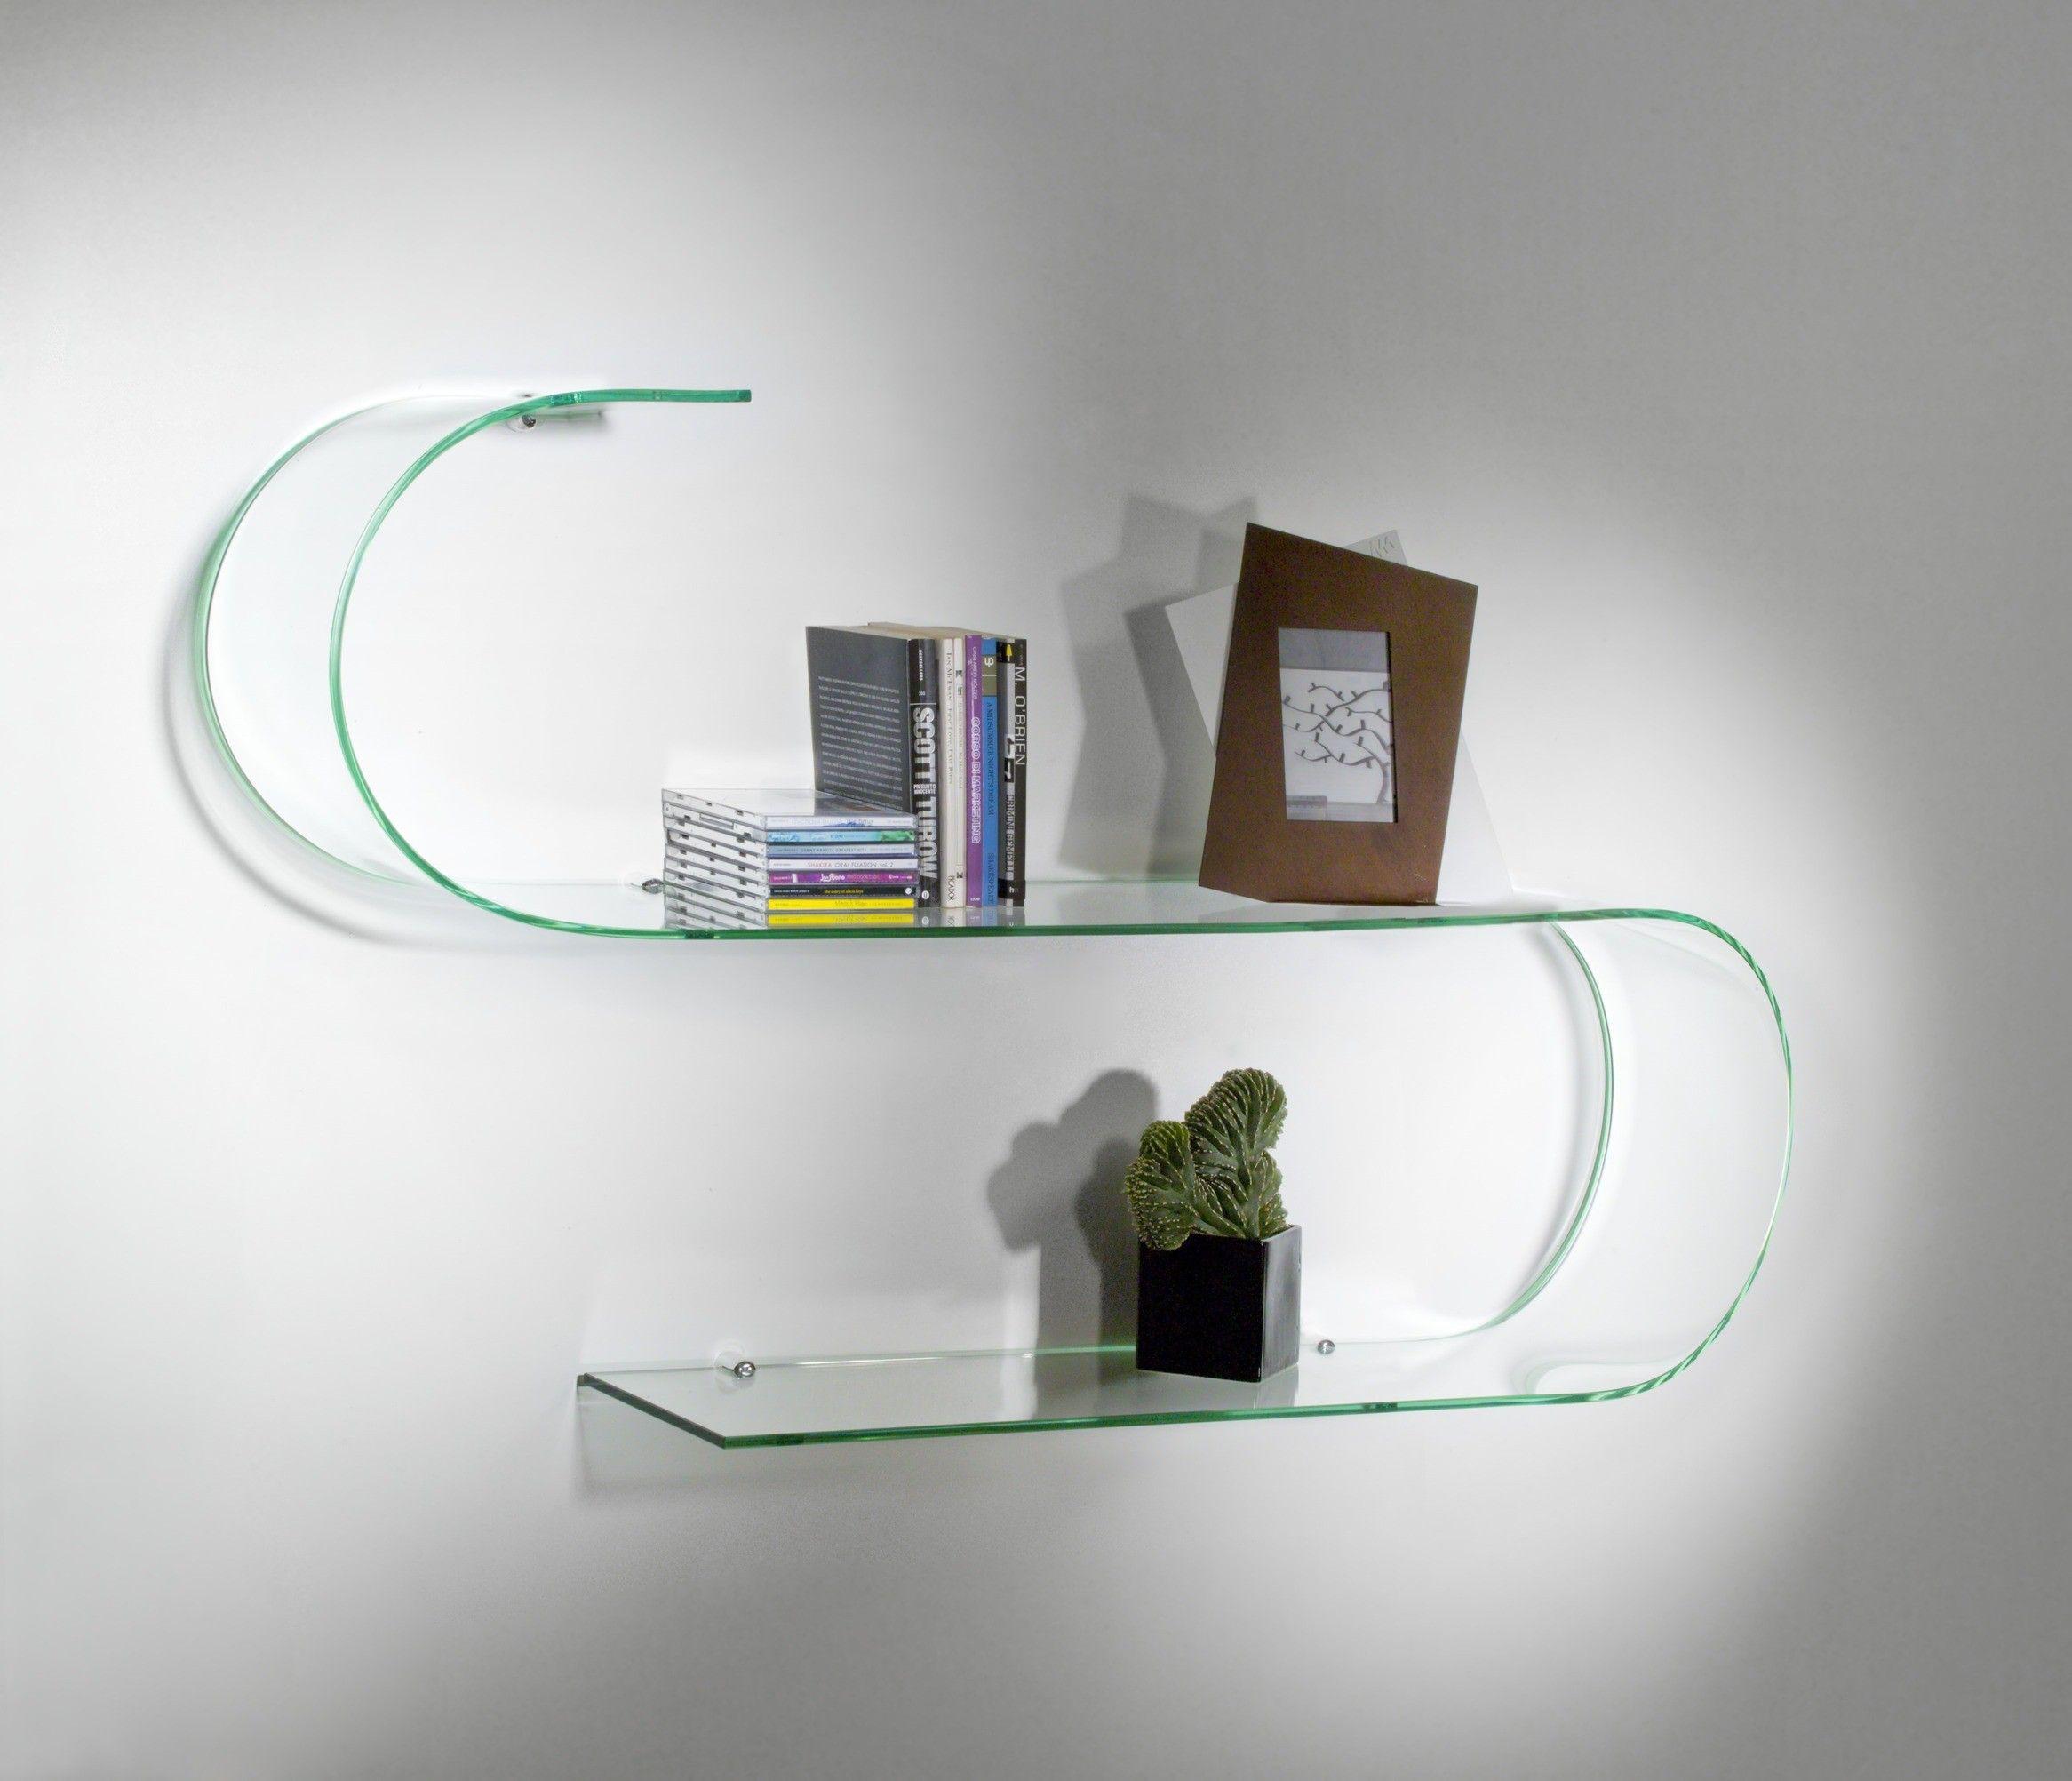 Mensole in vetro curvato soluzioni di design per la tua parete - Ikea mensole vetro ...